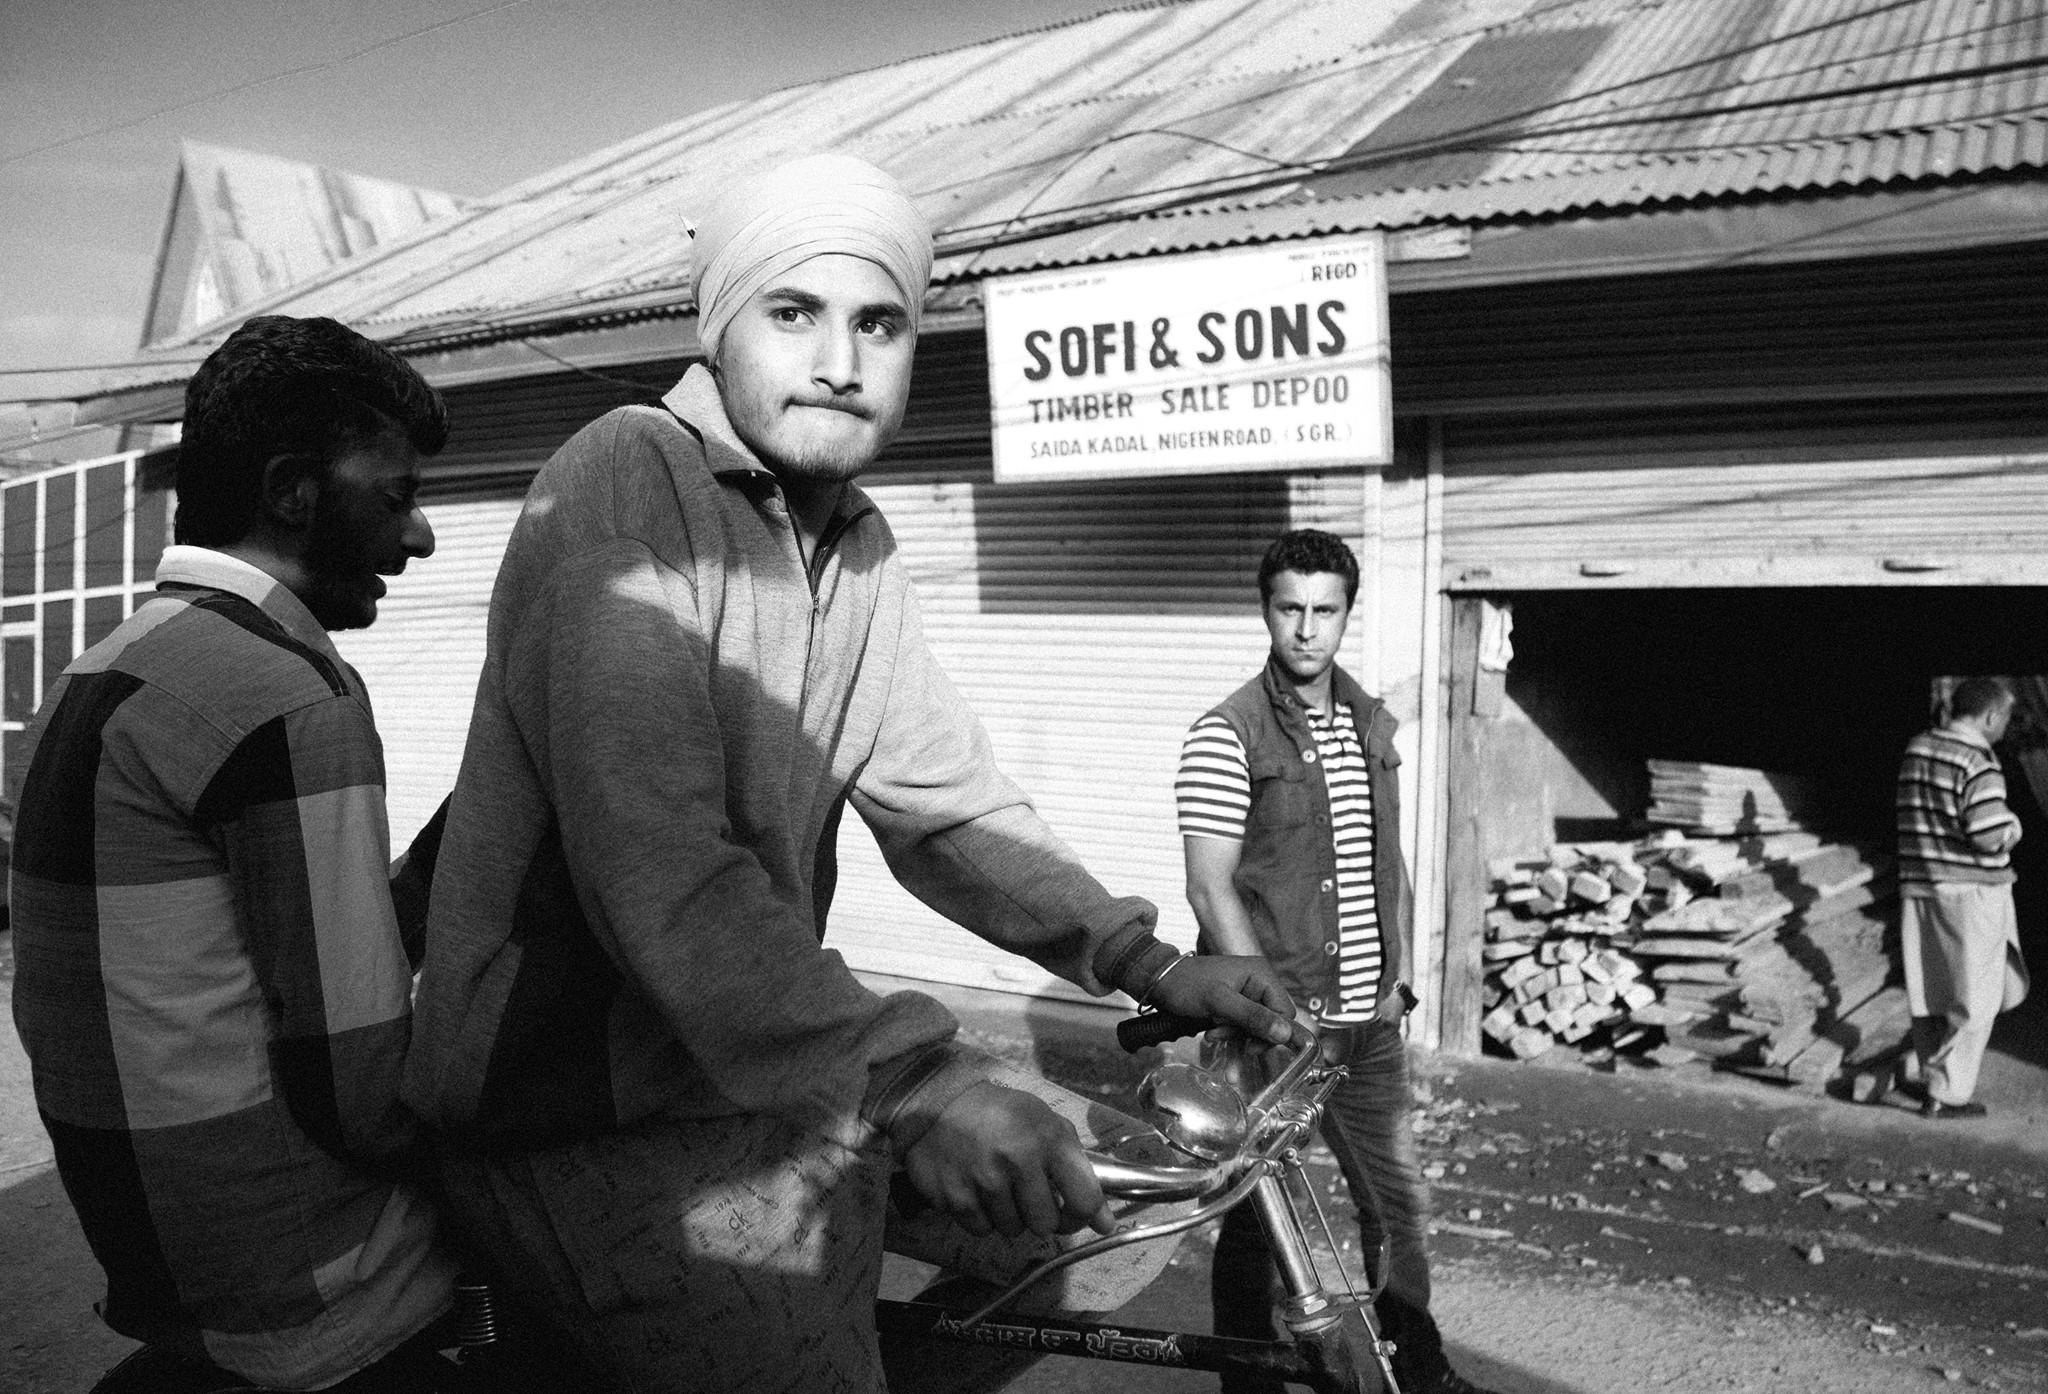 Deux hommes sur une bicyclette à Srinagar dans la province du Jammu-et-Cachemire. L'Inde compte la plus grande minorité musulmane au monde.